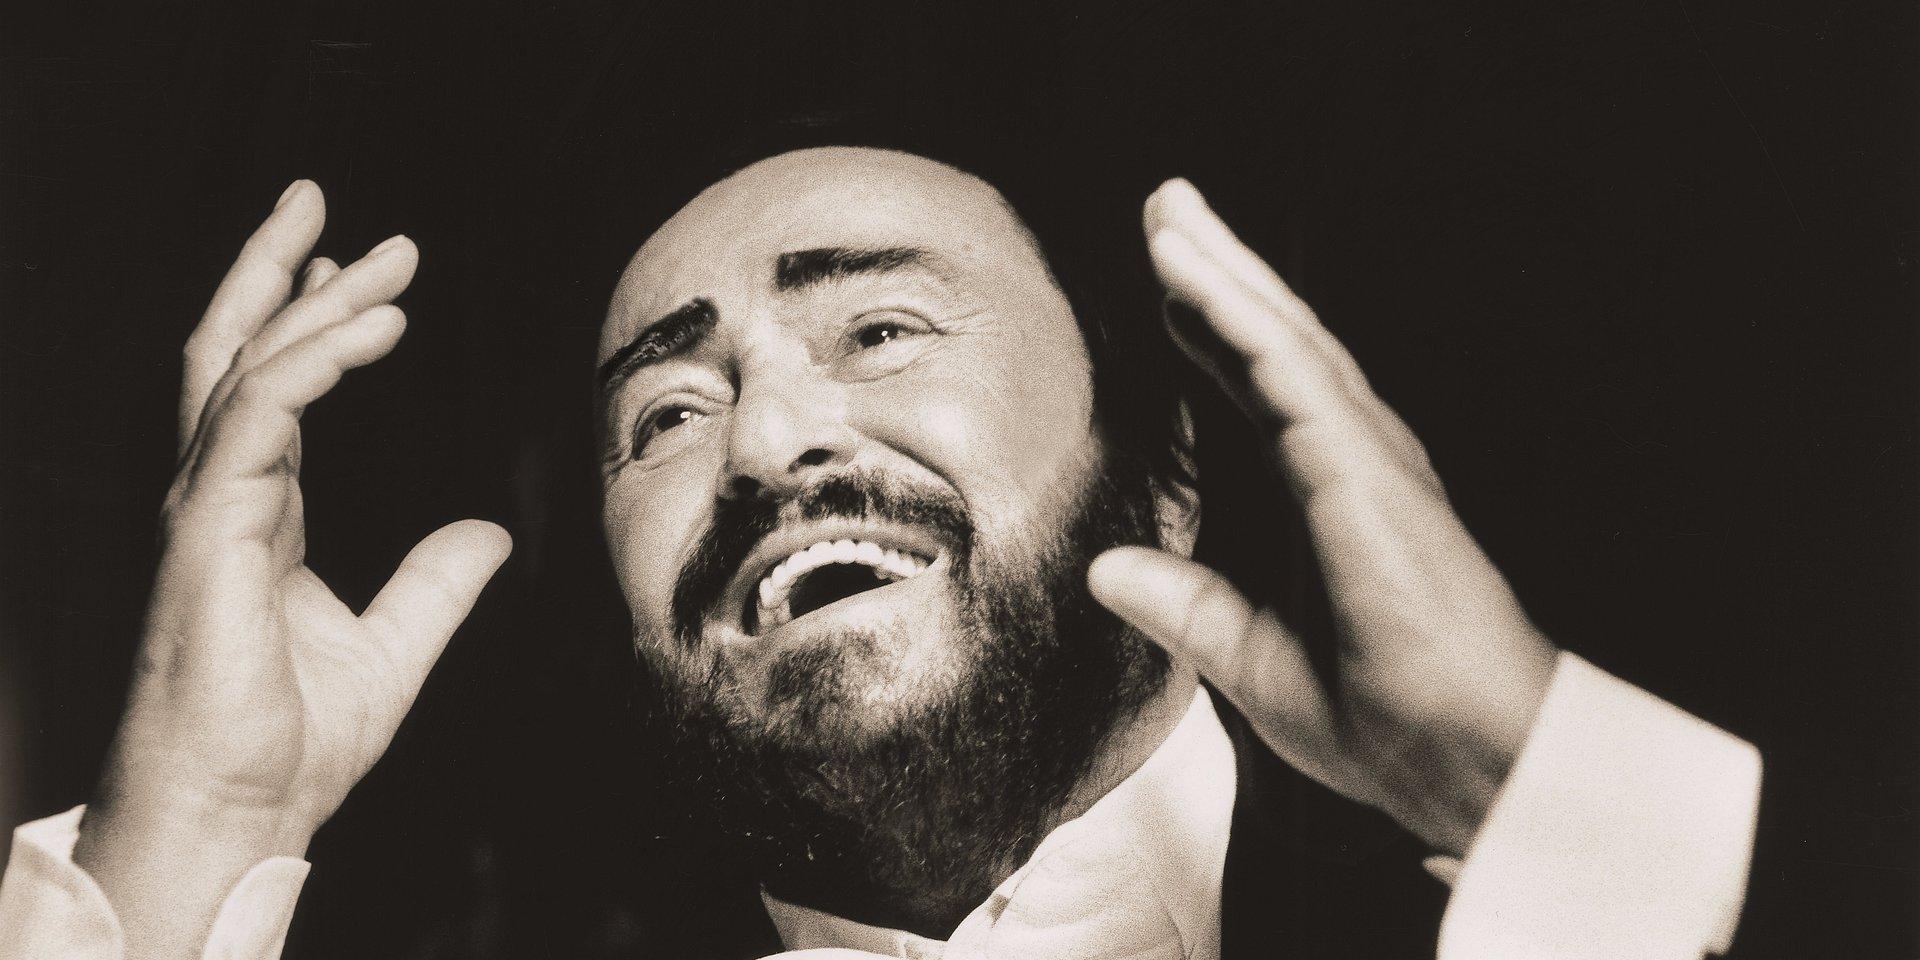 """Posłuchaj muzyki z filmu """"Pavarotti"""", który wejdzie na ekrany polskich kin już w najbliższy piątek 2 sierpnia!"""